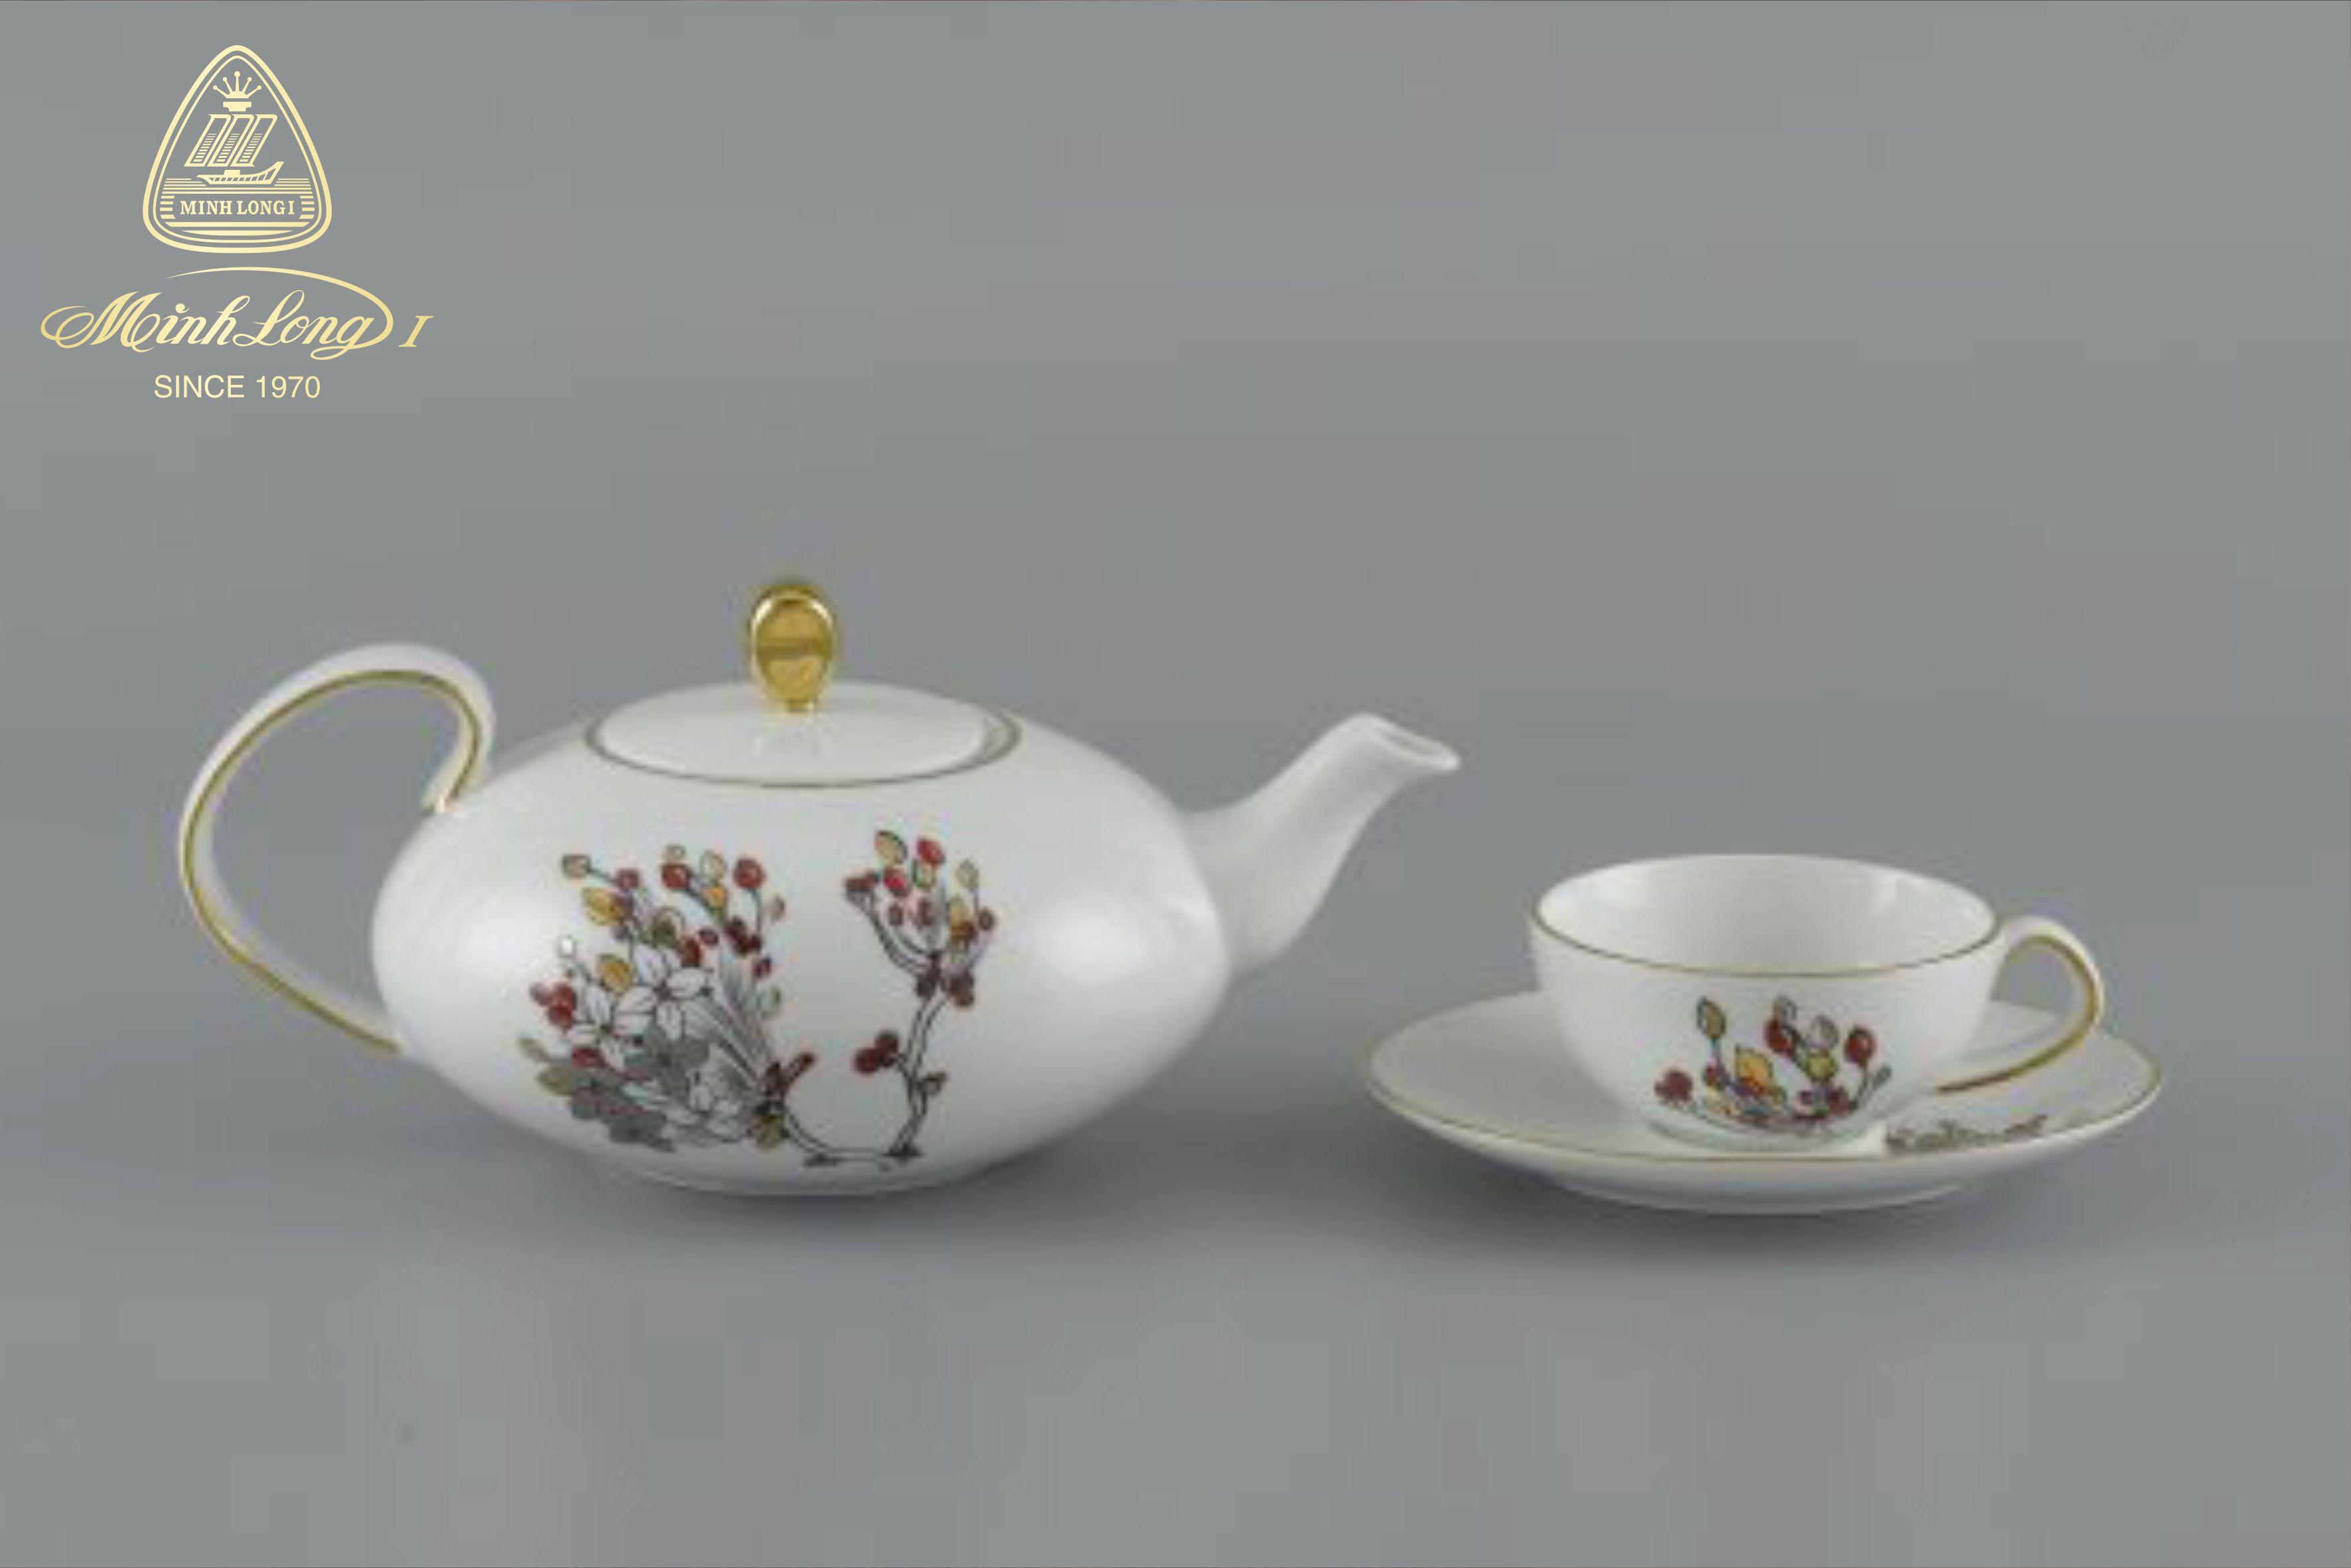 Bộ trà elip 0.47L Anna Như Ý 68470246203 Minh Long